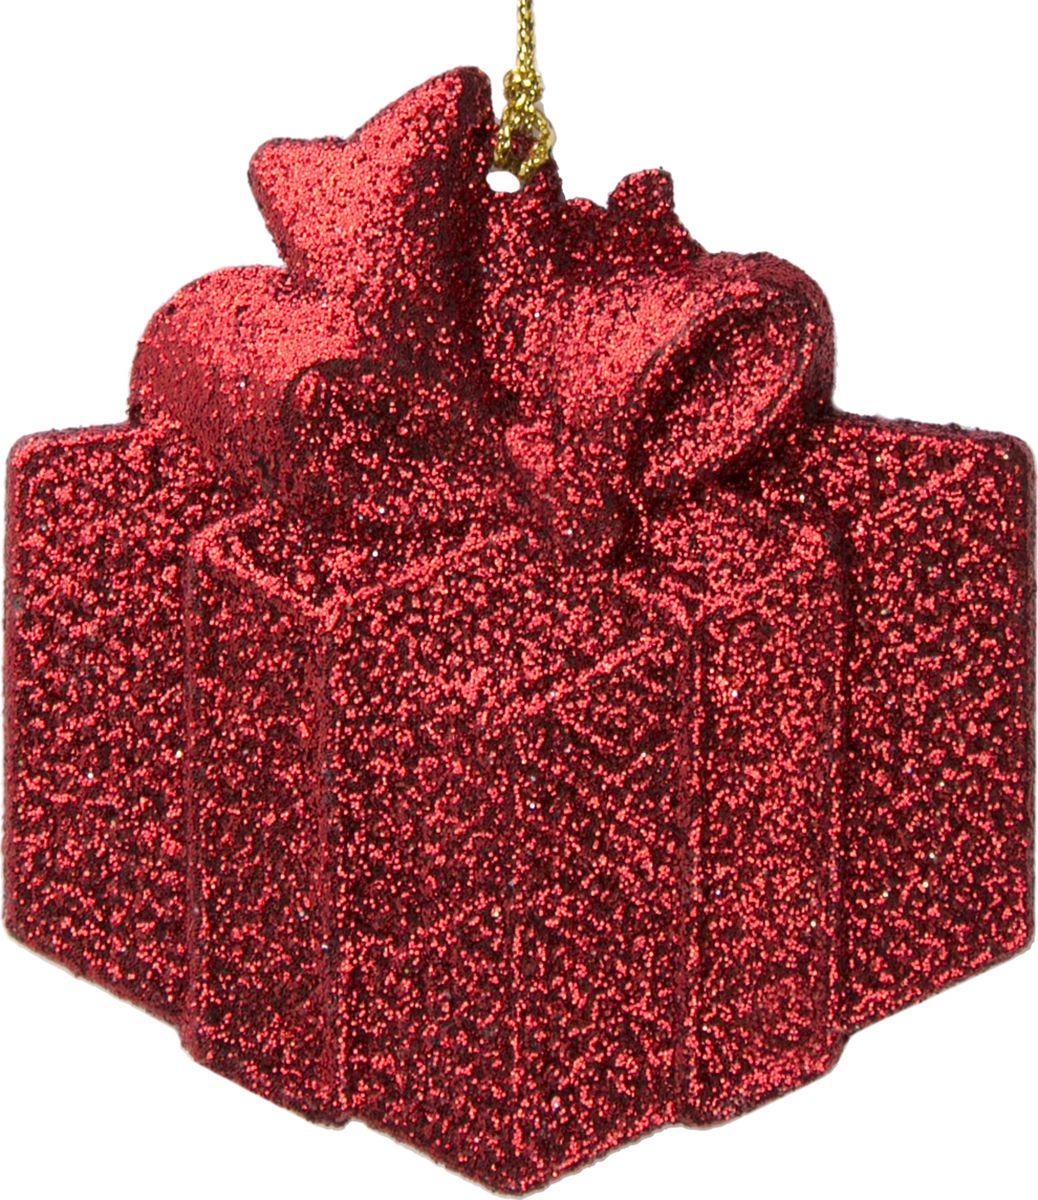 Фото - Новогоднее подвесное елочное украшение Magic Time Подарок, цвет: красный, 8 x 8,5 x 0,2 см новогоднее подвесное елочное украшение magic time подарок цвет золотой 8 x 8 5 x 0 2 см